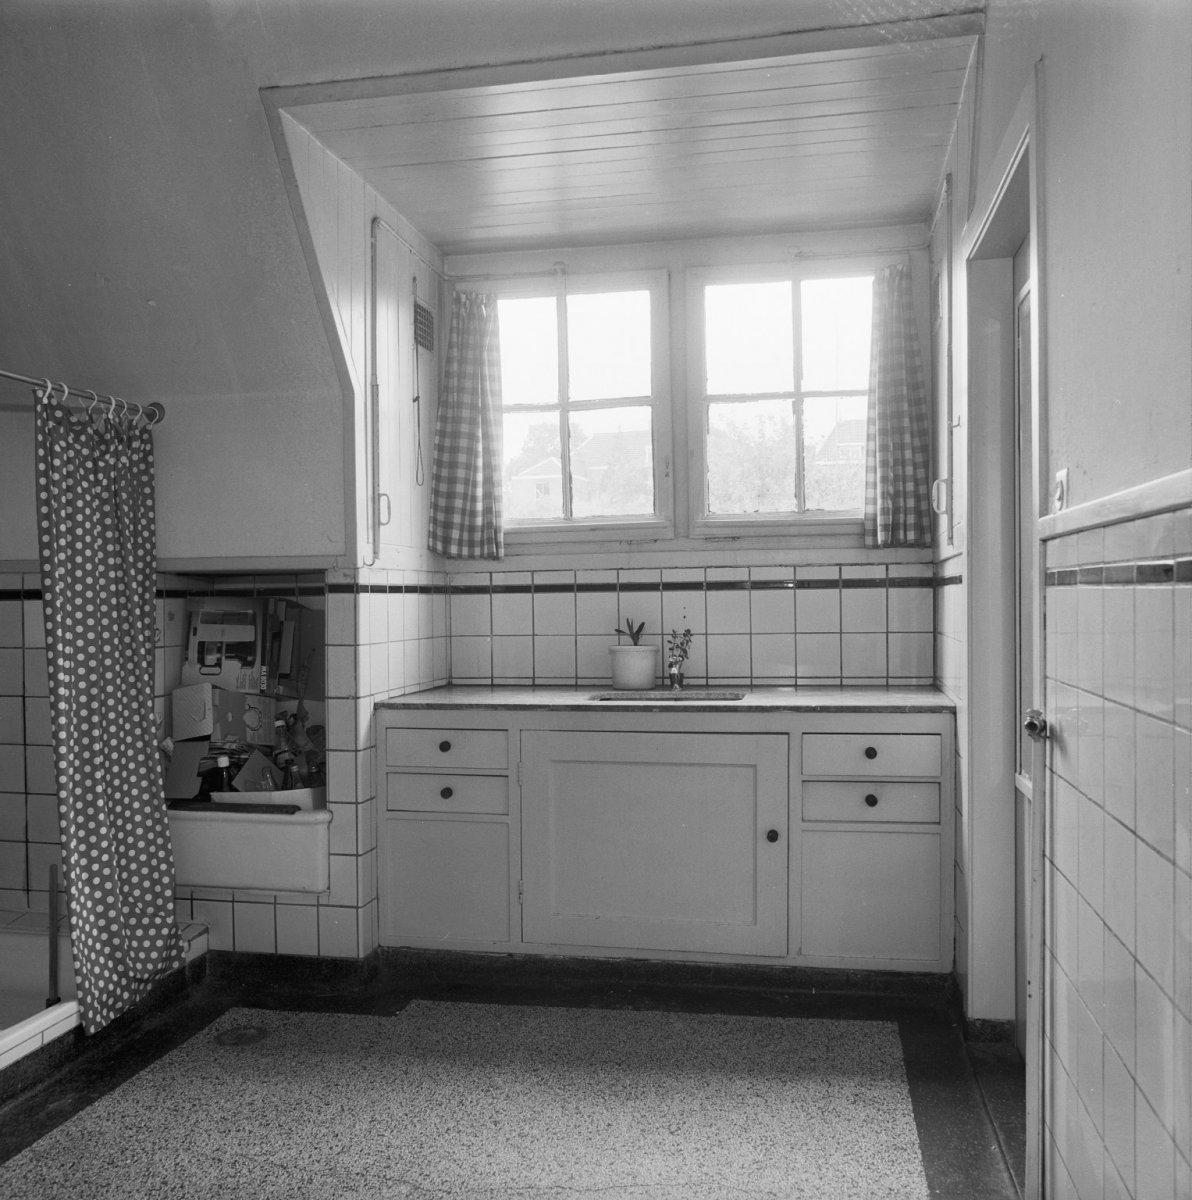 File:Interieur, keuken en badkamer - Arnhem - 20401692 - RCE.jpg ...